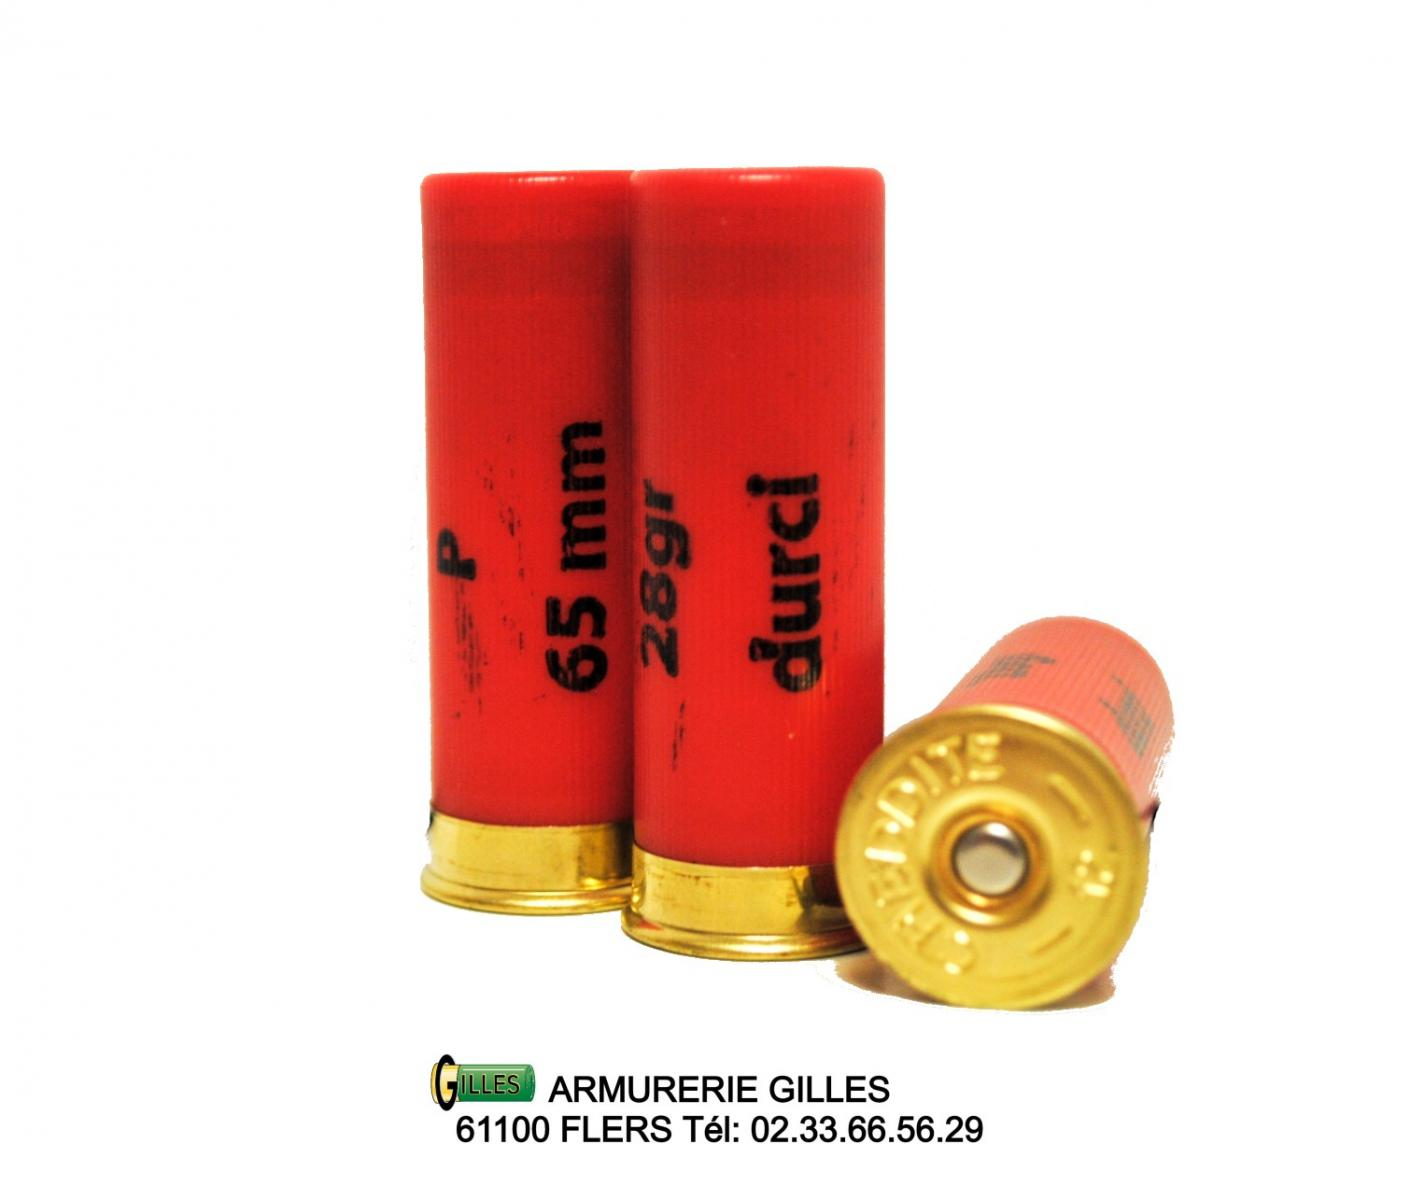 250 Cartouches pour COWBOY-SHOOTING calibre 12/65